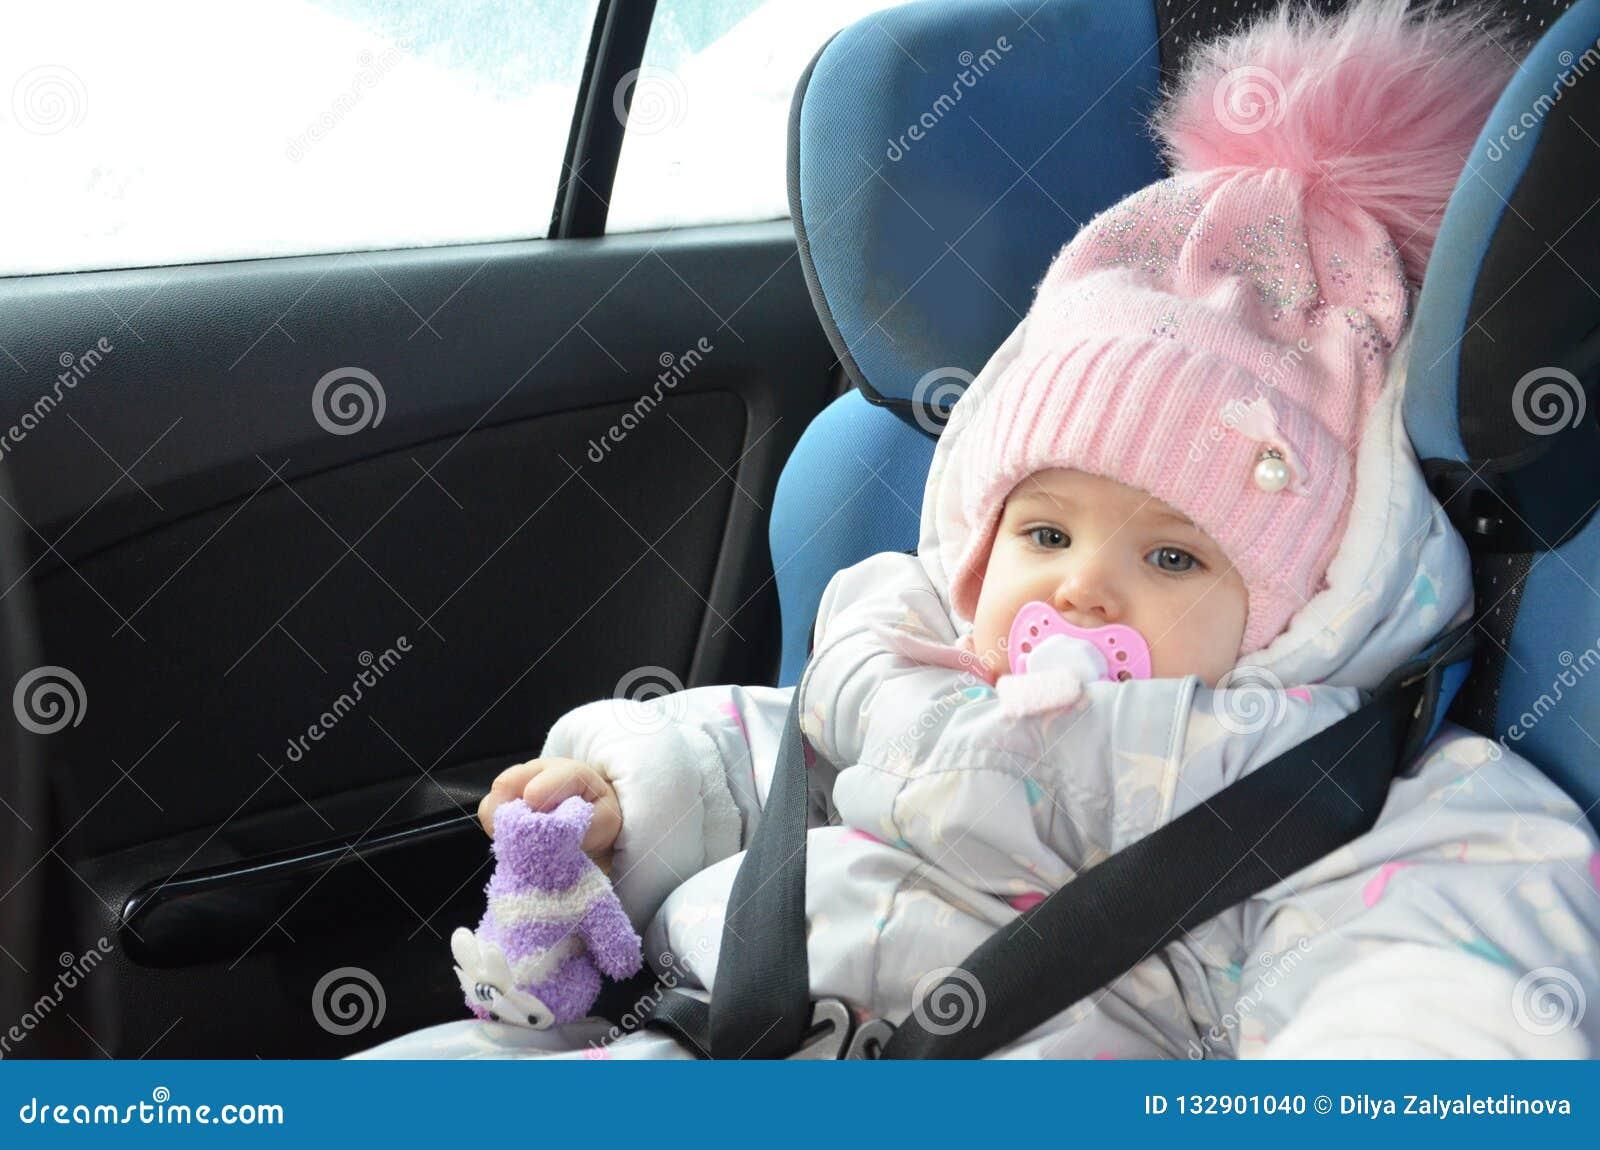 style à la mode vente énorme couleurs harmonieuses Siège De Sécurité Pour Le Bébé Dans La Voiture Peu Fille ...